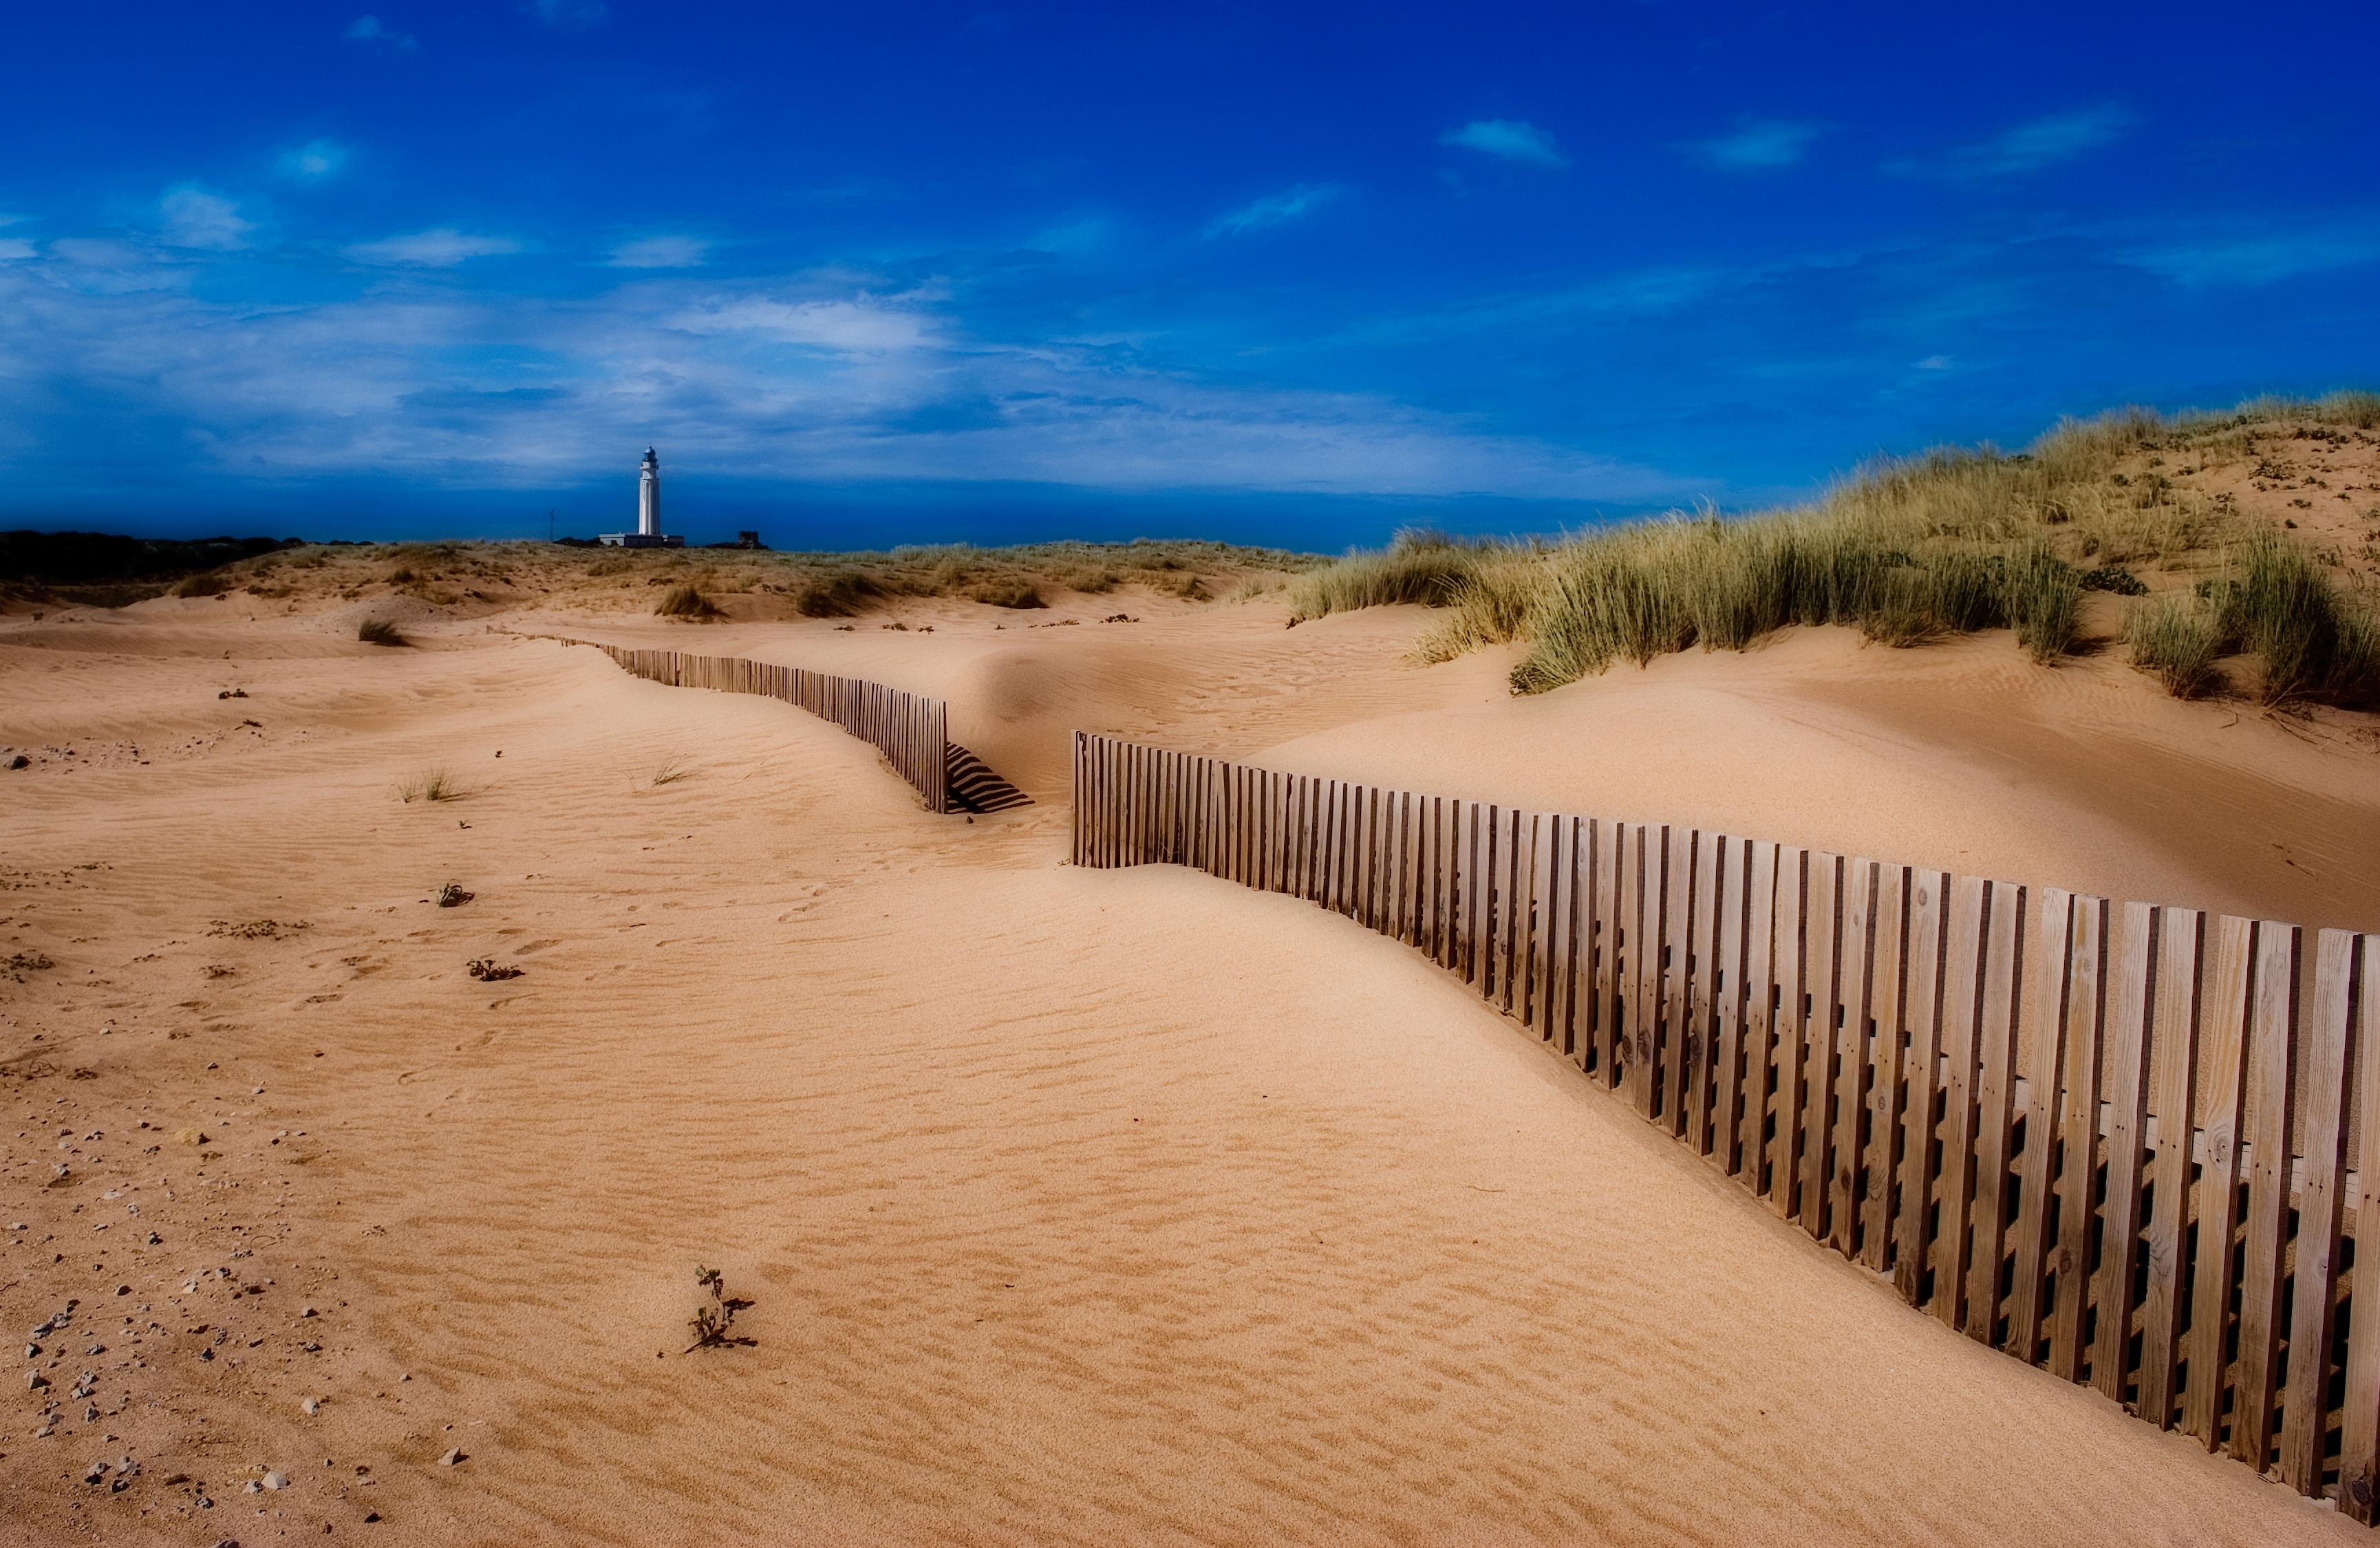 Playas en la costa de Cádiz